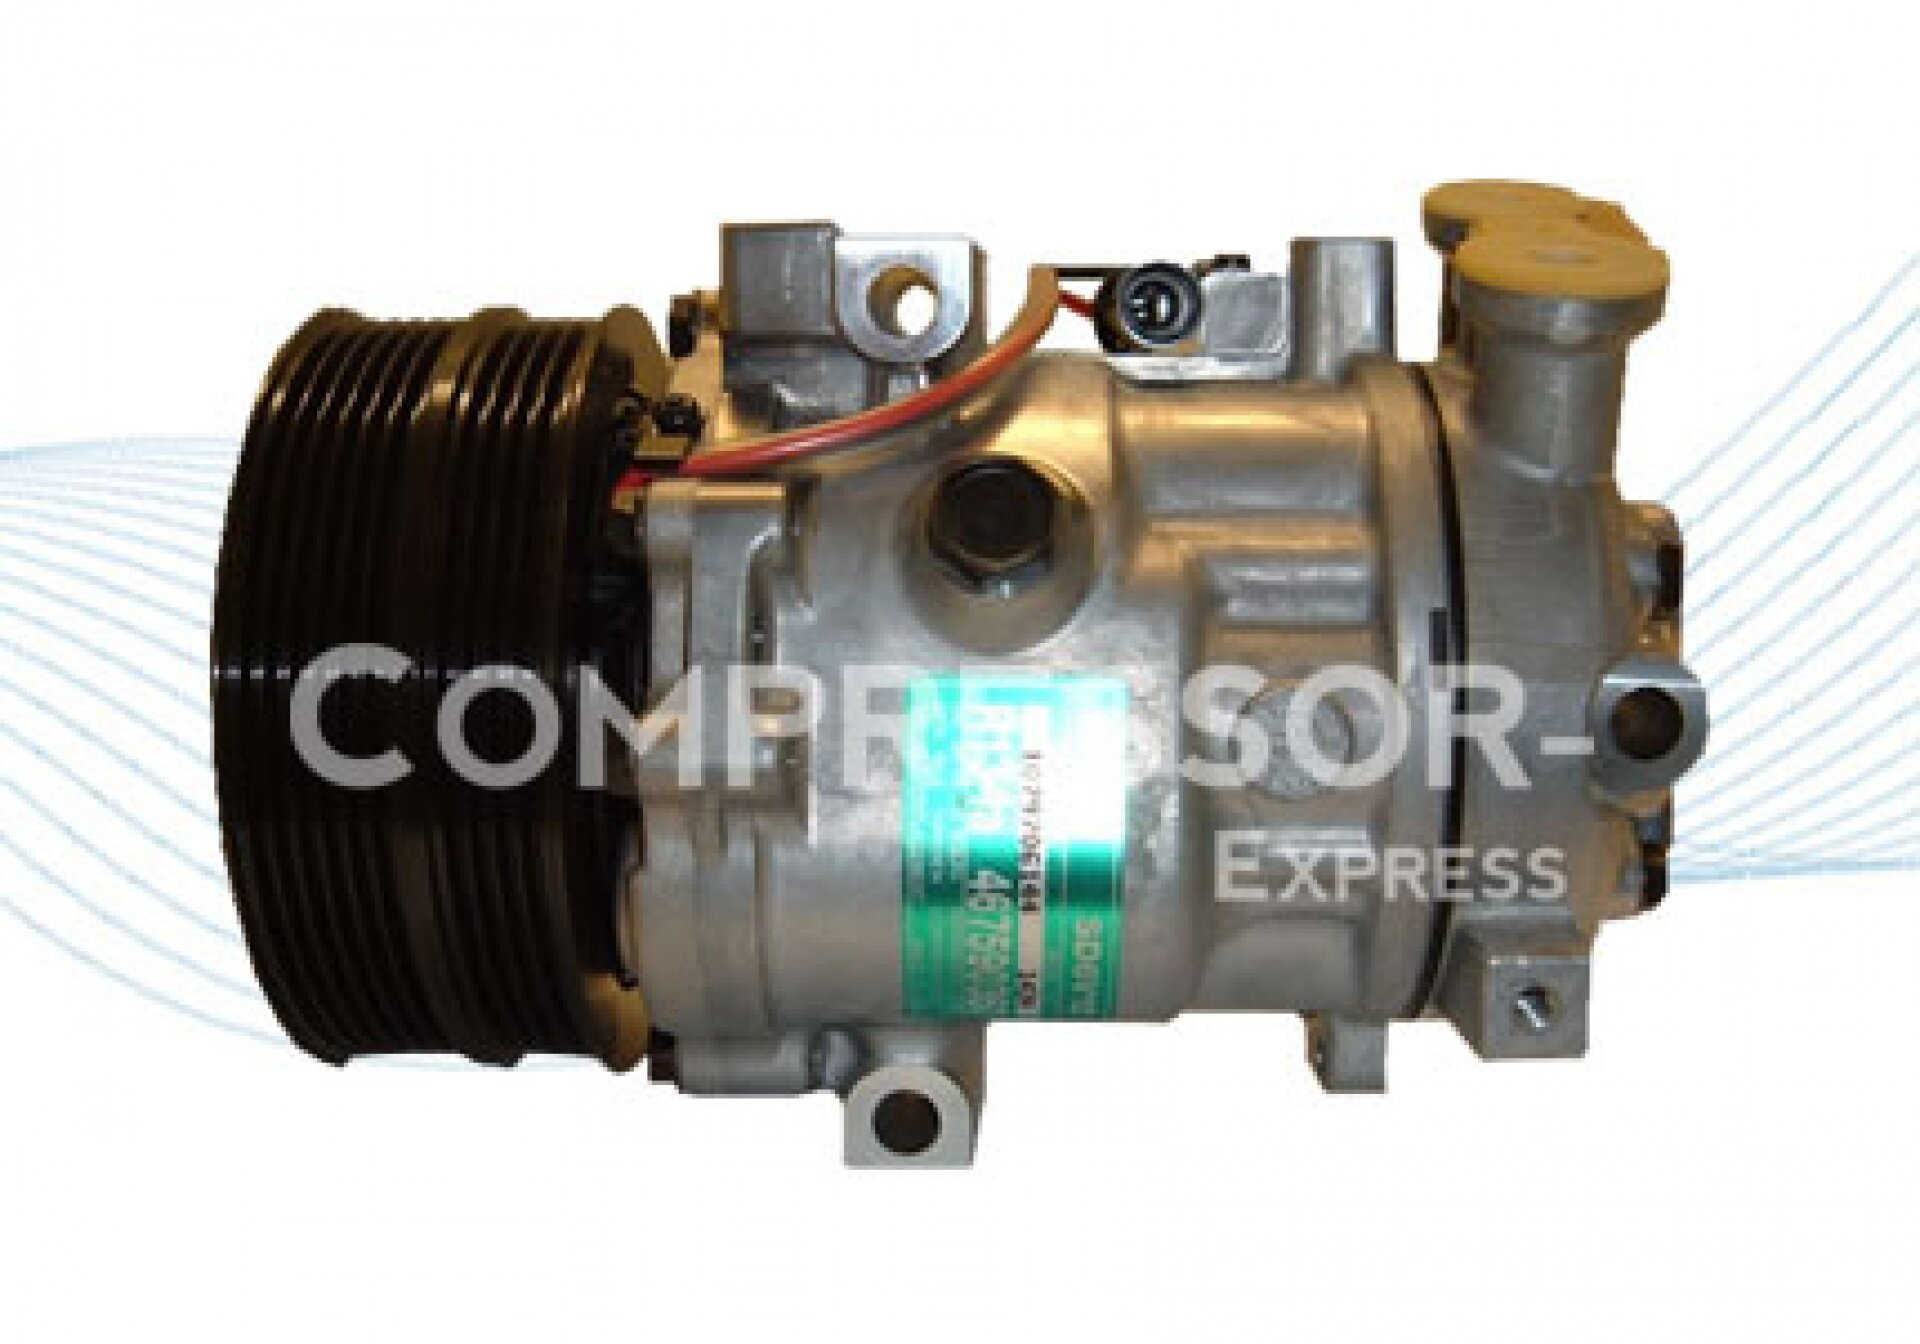 Fiat-06-6V12-PV6+4